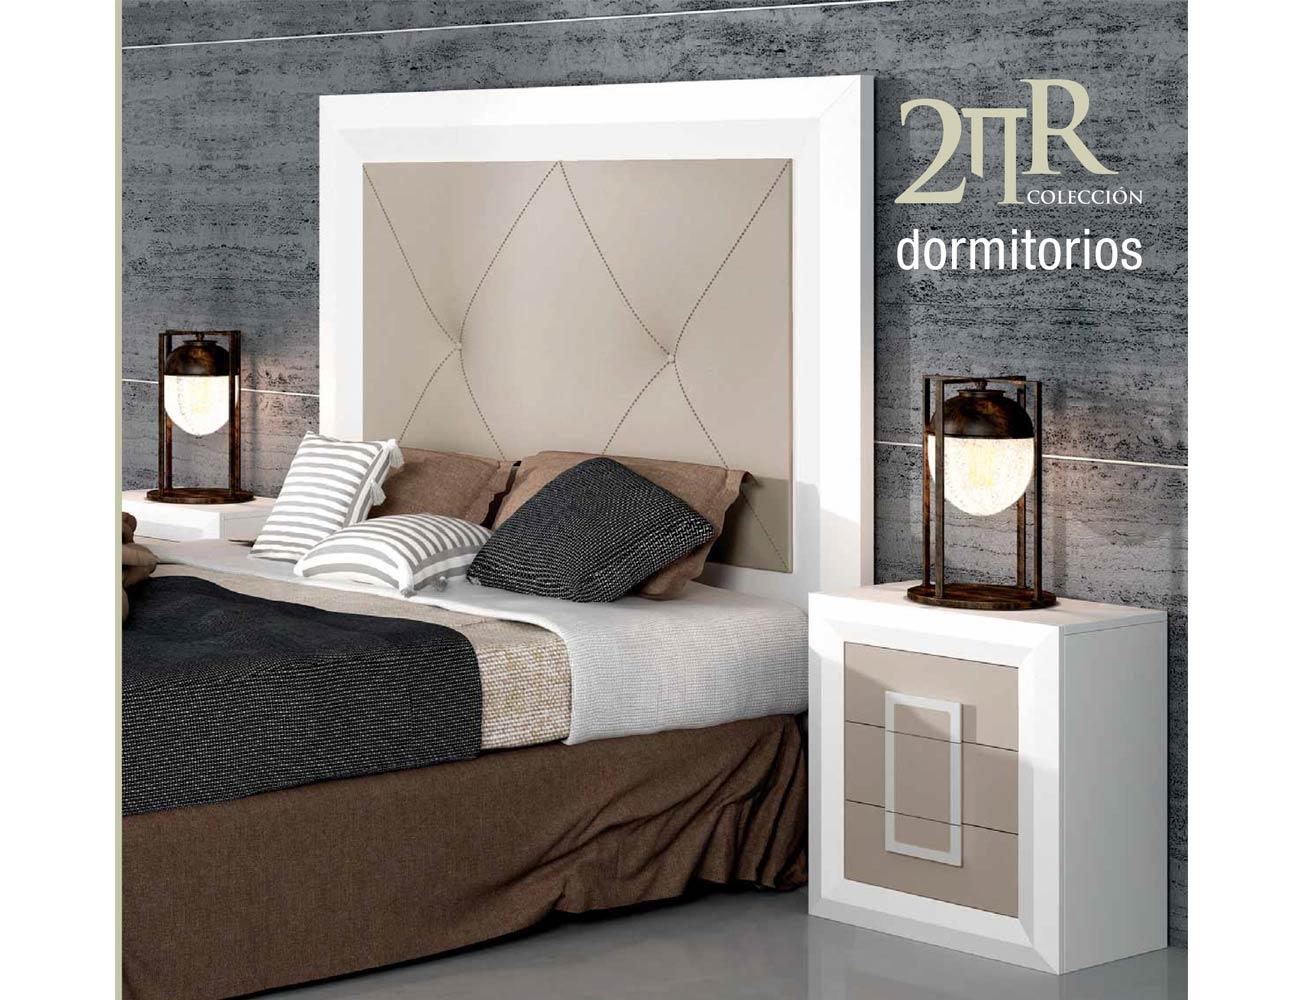 Dormitorio de matrimonio con cabecero de plaf n y c moda for Dormitorio cabecero blanco